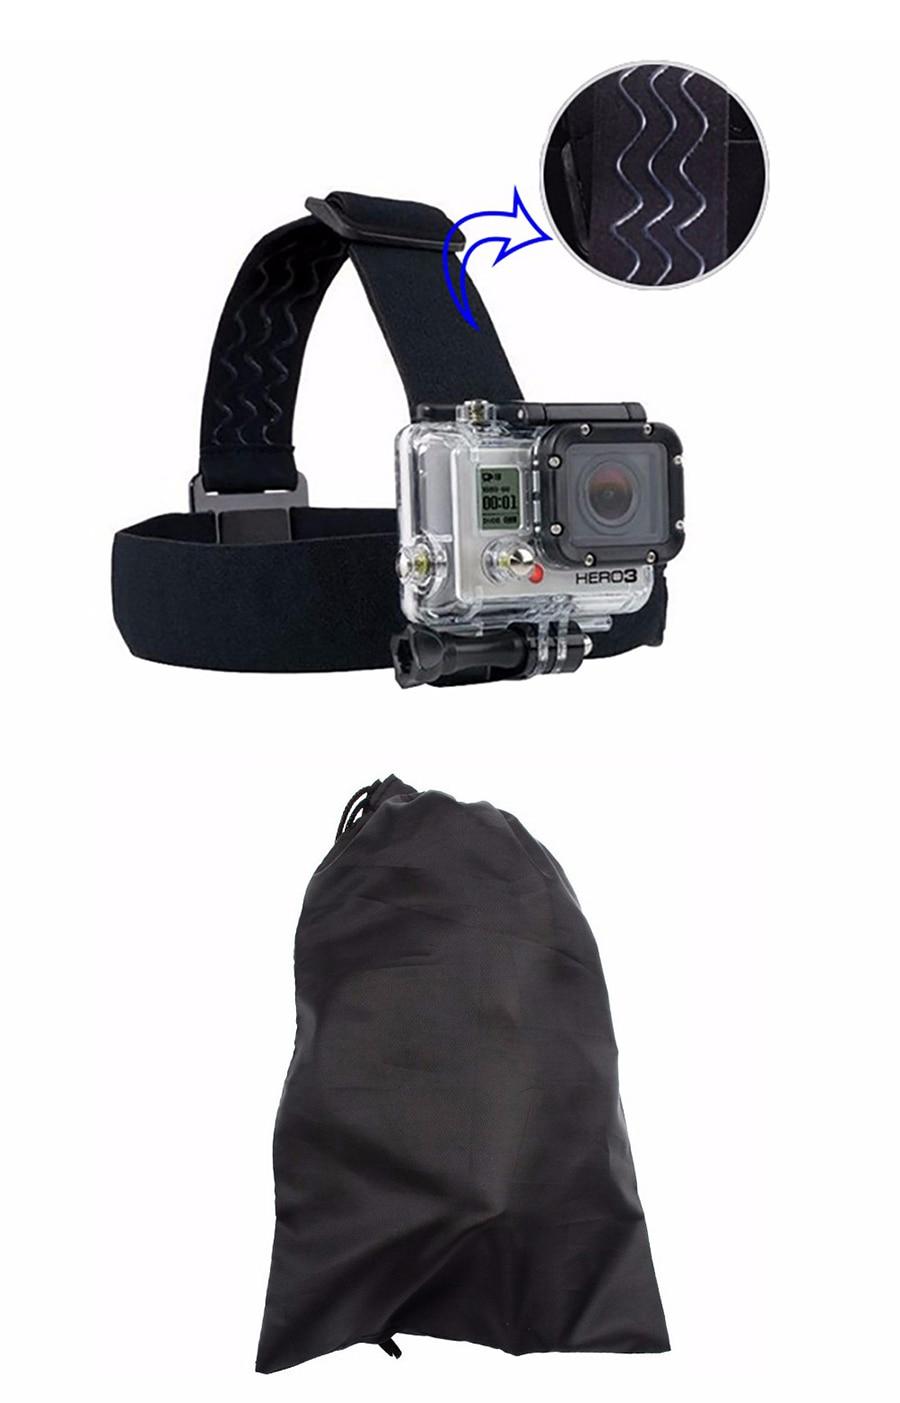 accesorios gopro hero 4 gopro flotador para xiaomi yi gopro hero 4 3 - Cámara y foto - foto 6